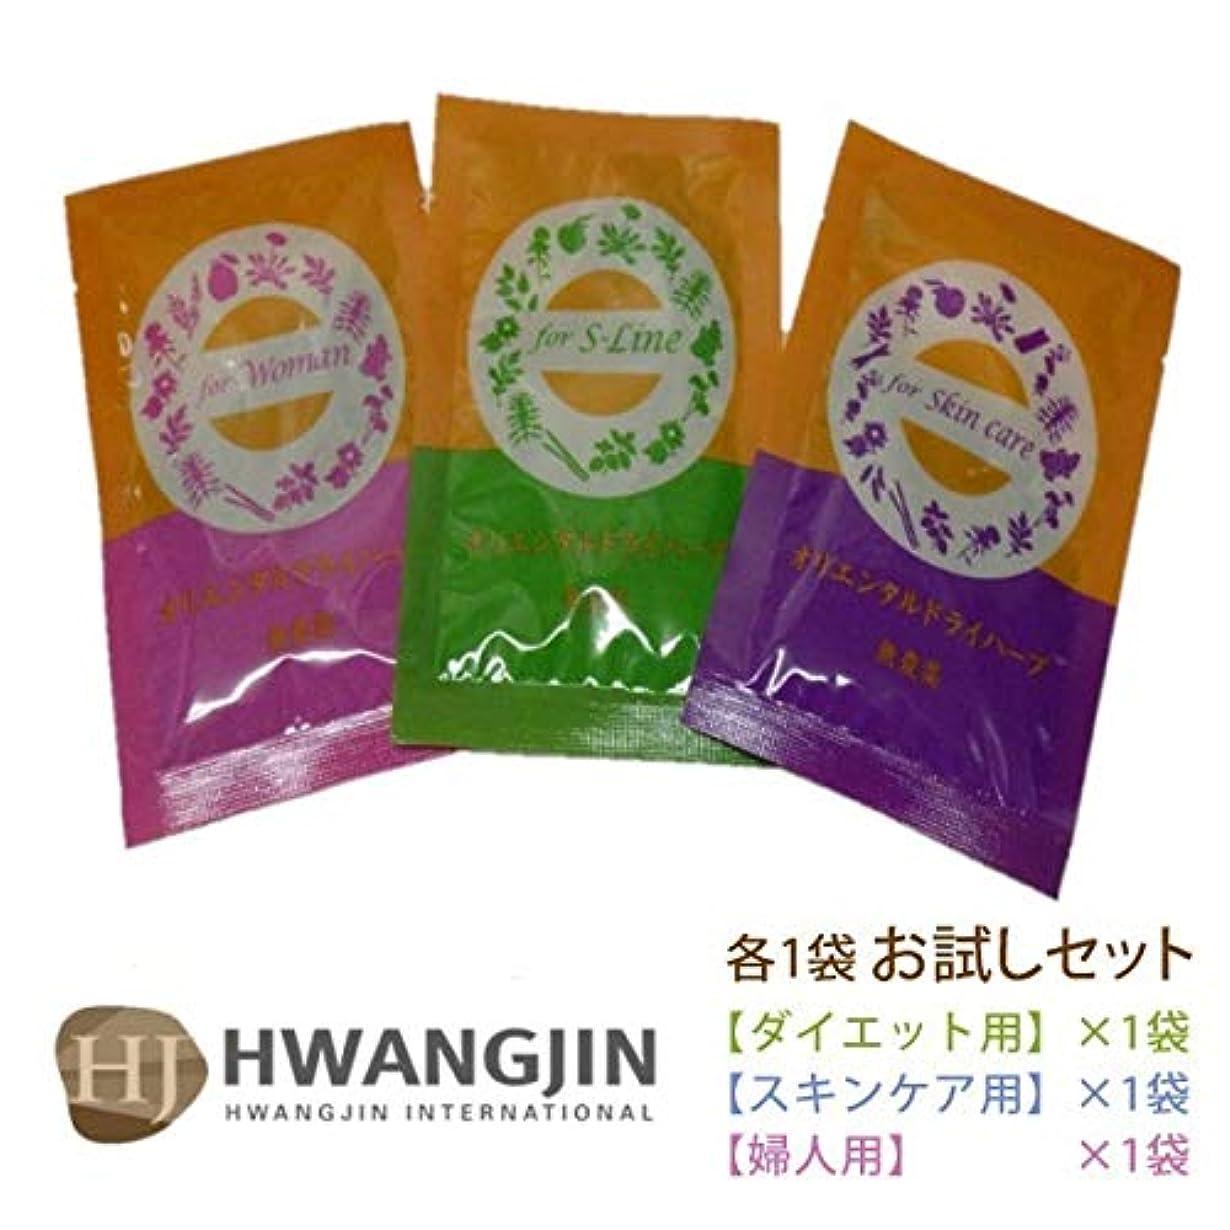 安定した消費する寄り添うファンジン黄土 座浴剤 3袋 正規品【お試しセット】 (3種(ダイエット、女性、皮膚美容)各1袋)